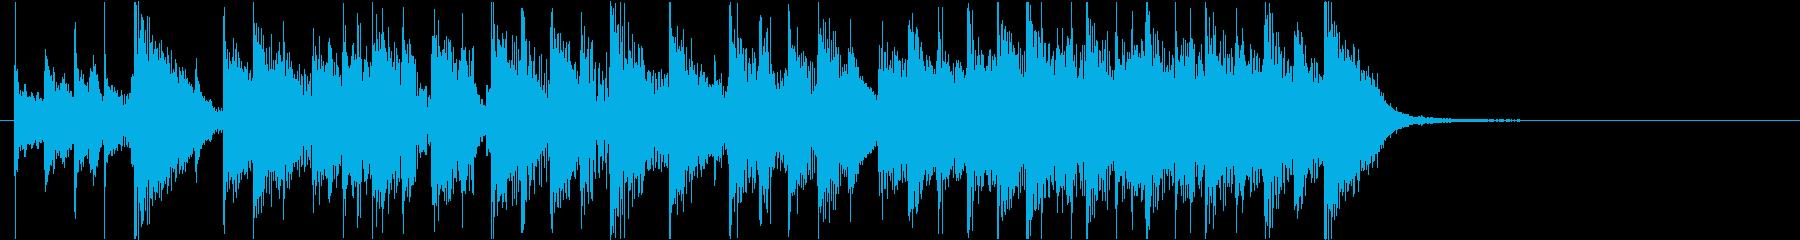 軽快でカワイイ昭和テイストのサウンドロゴの再生済みの波形